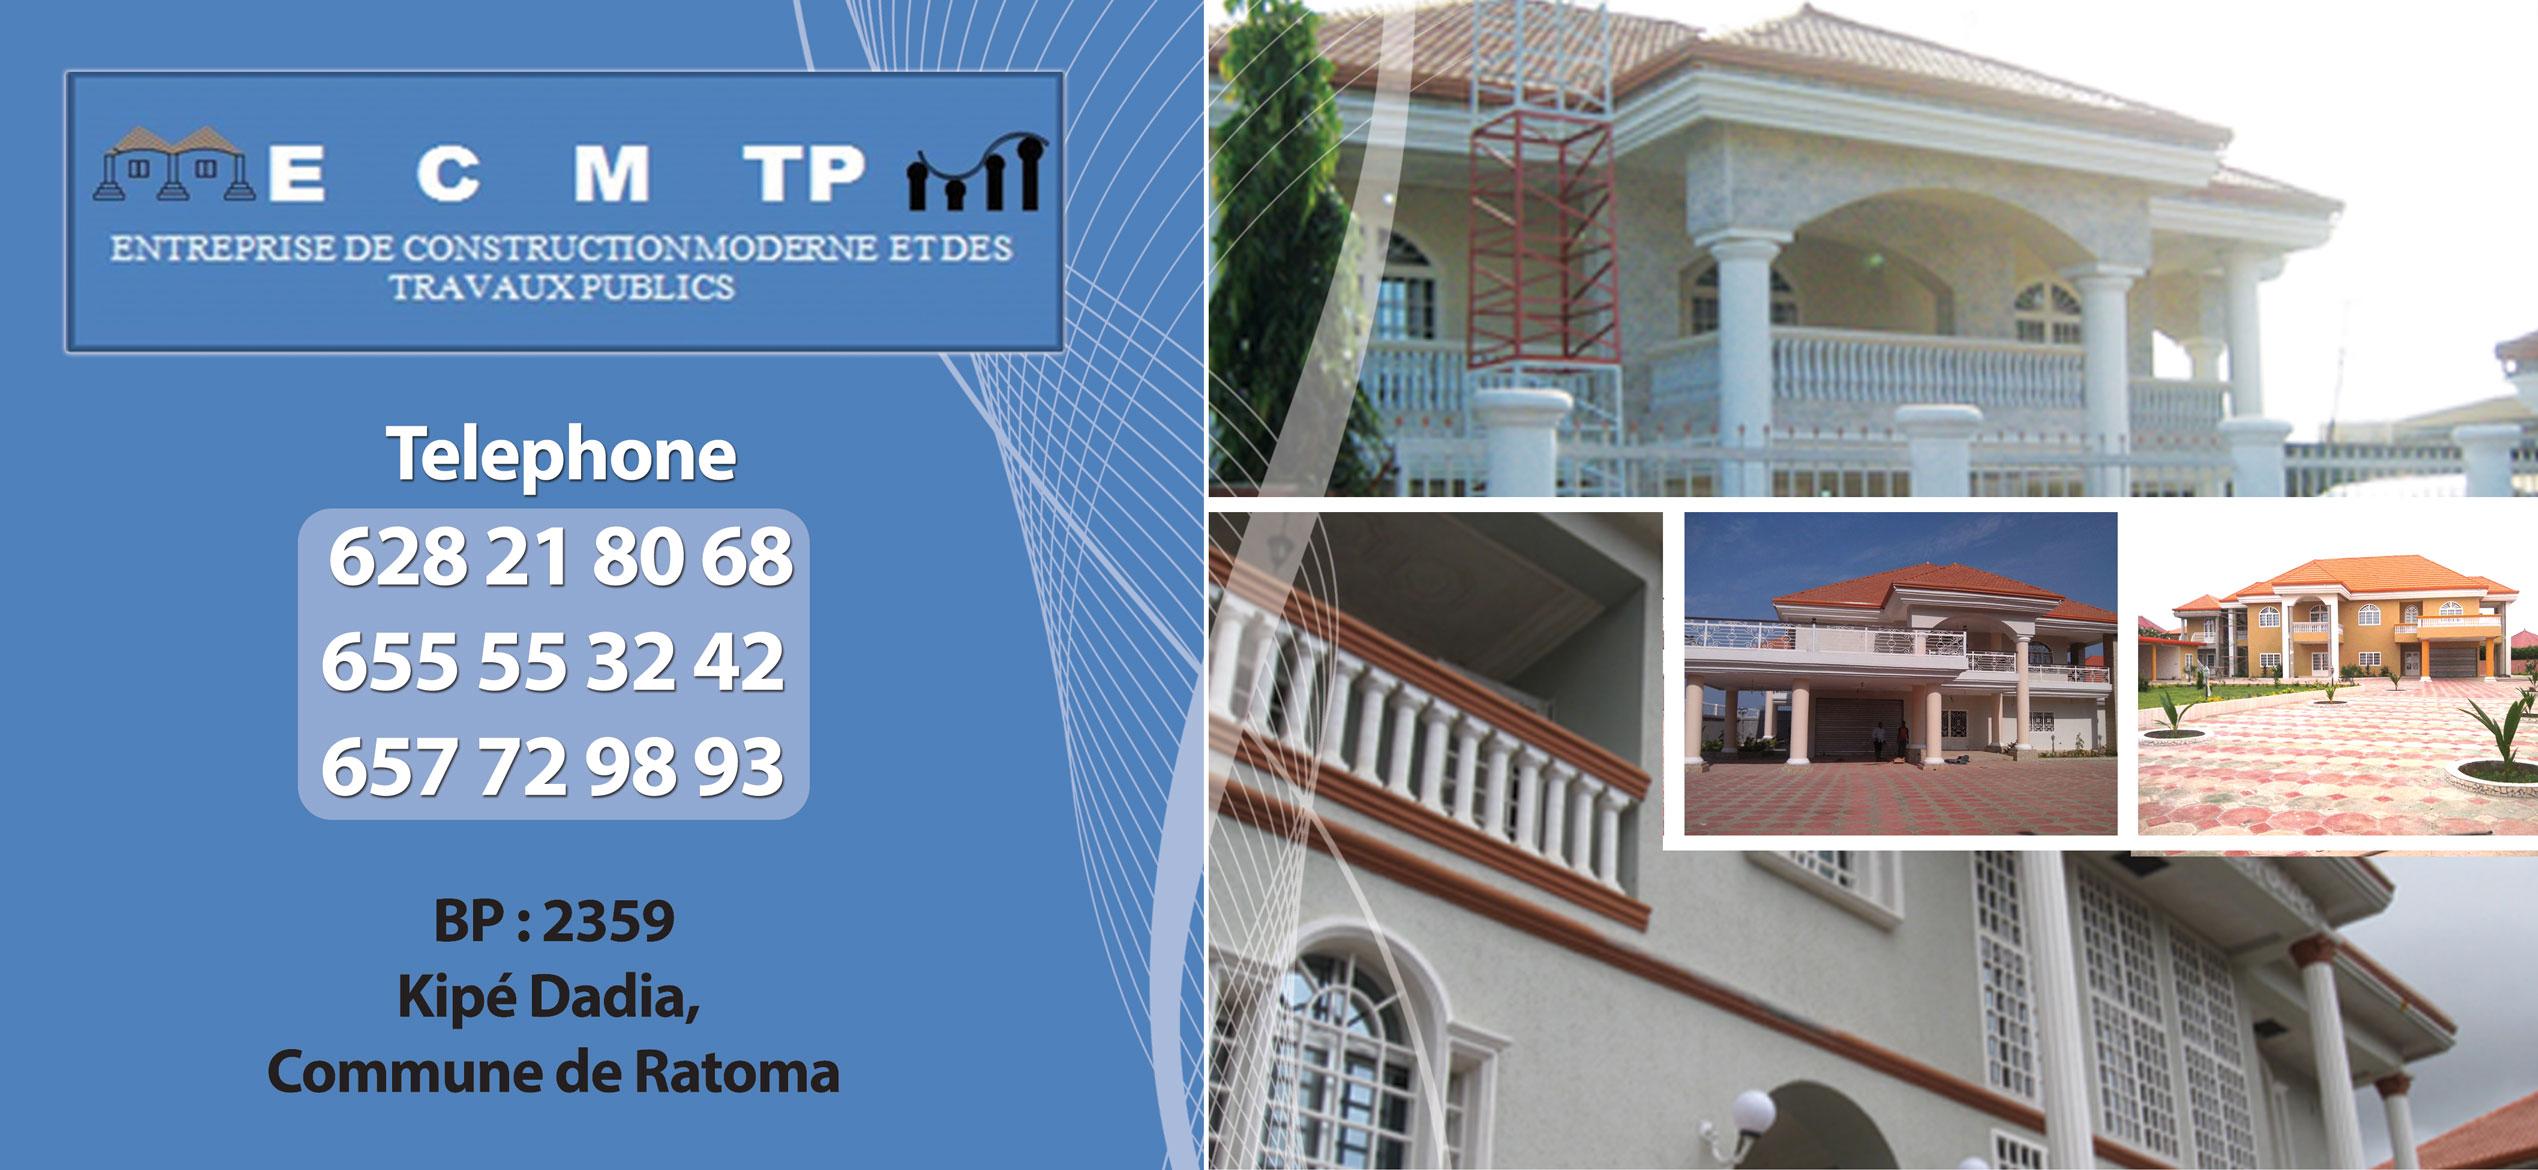 Ecm tp entreprise de construction moderne et des travaux for Entreprise de construction